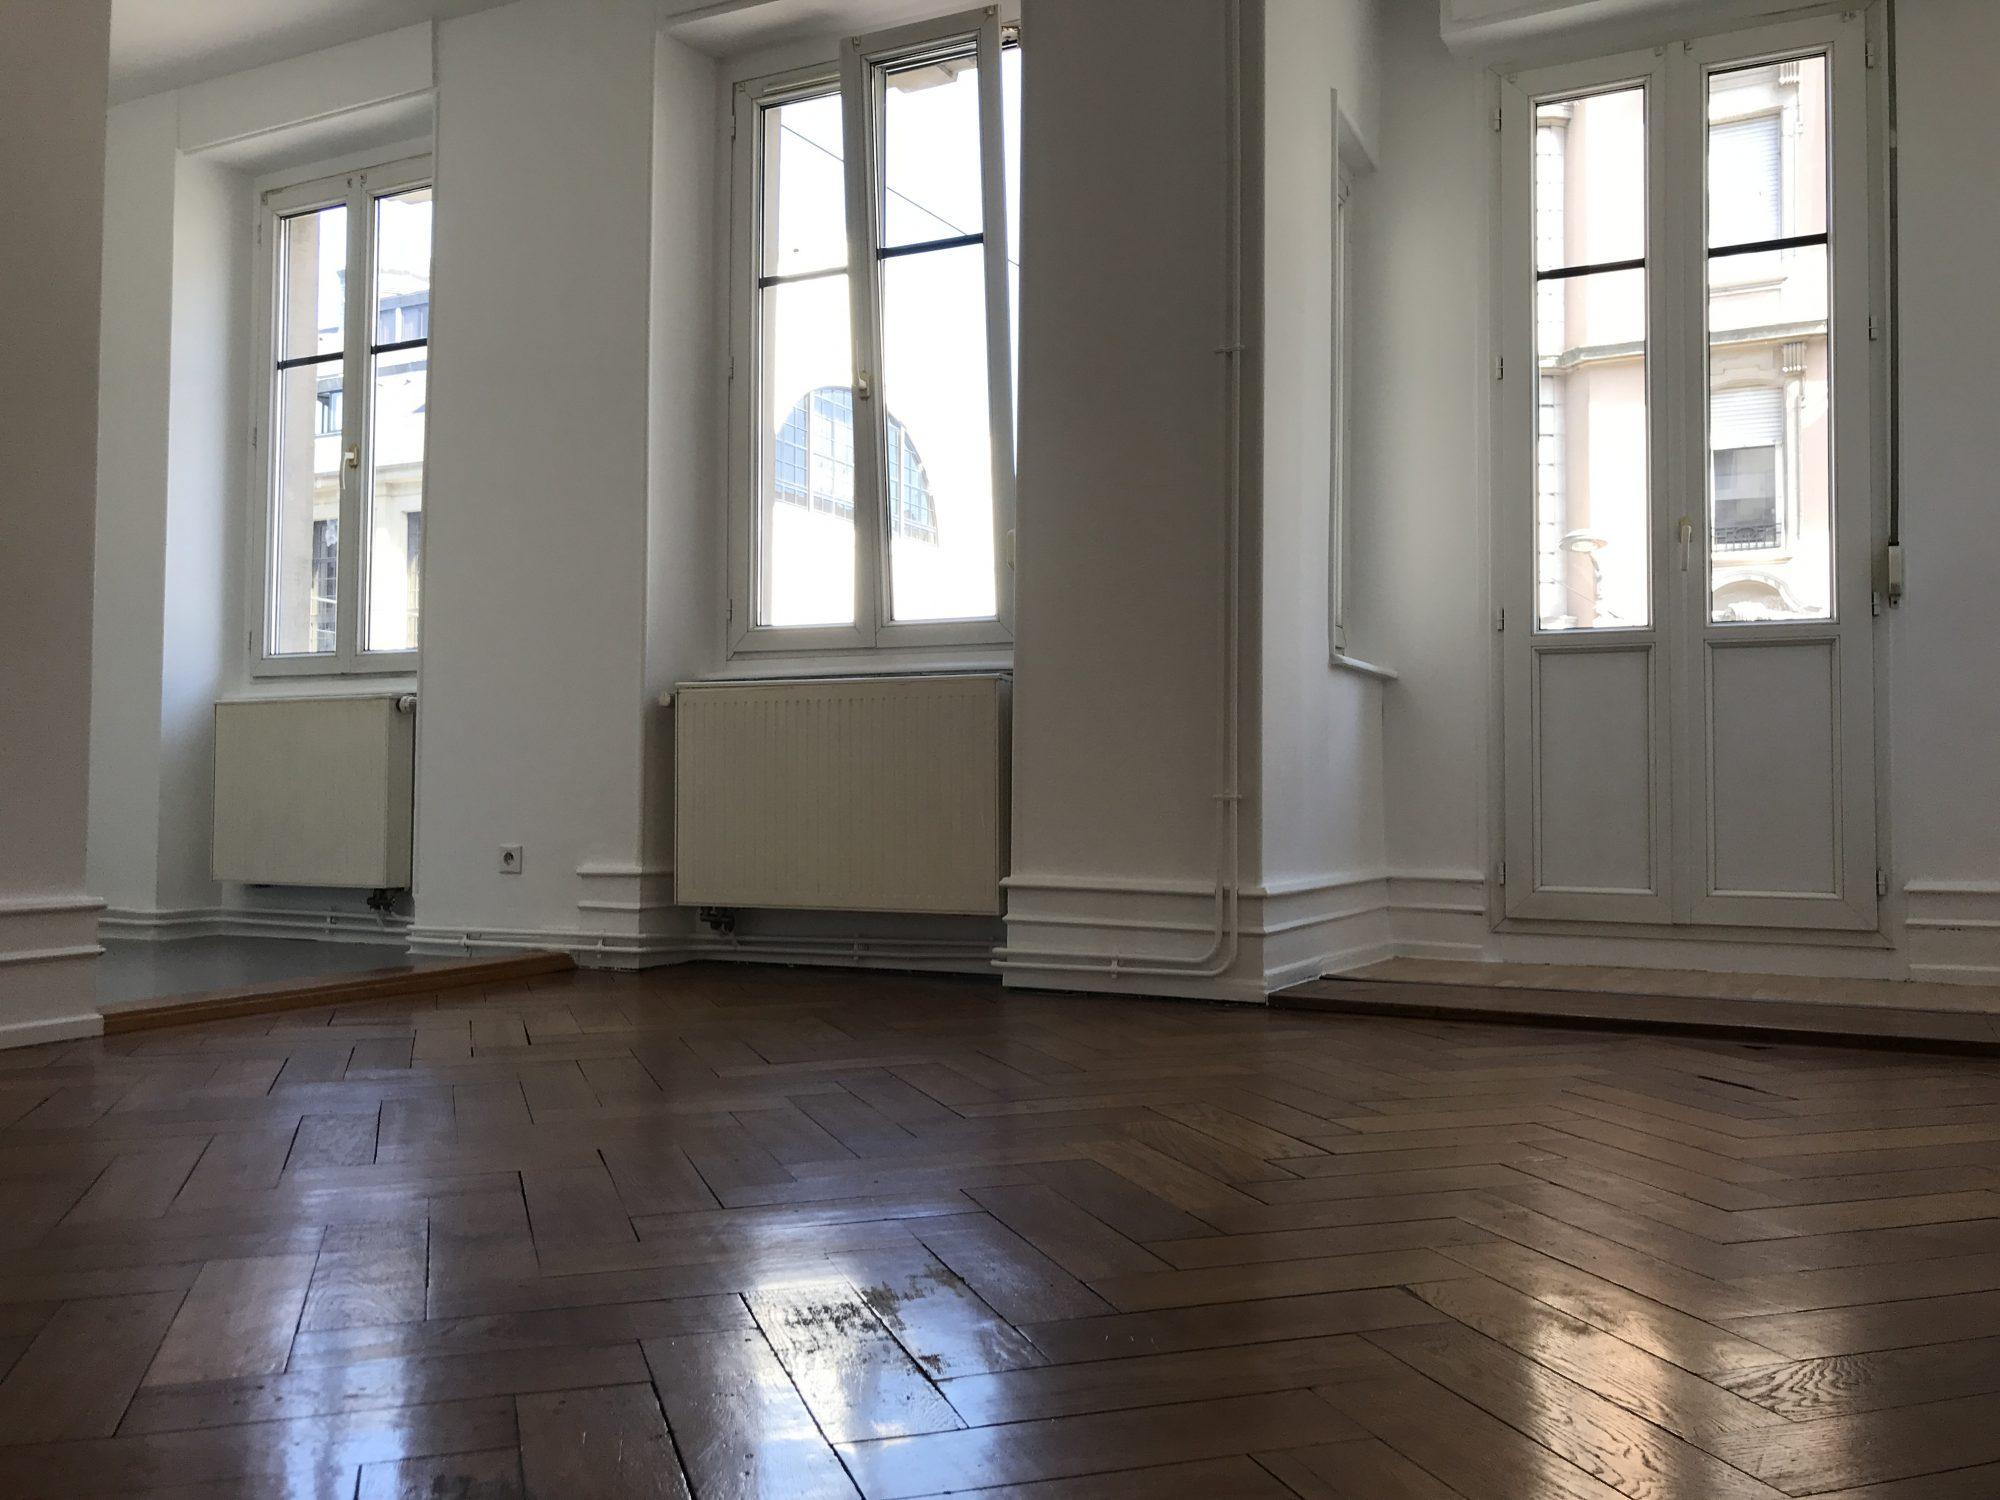 3 pièces musée d'art moderne - Devenez locataire en toute sérénité - Bintz Immobilier - 8